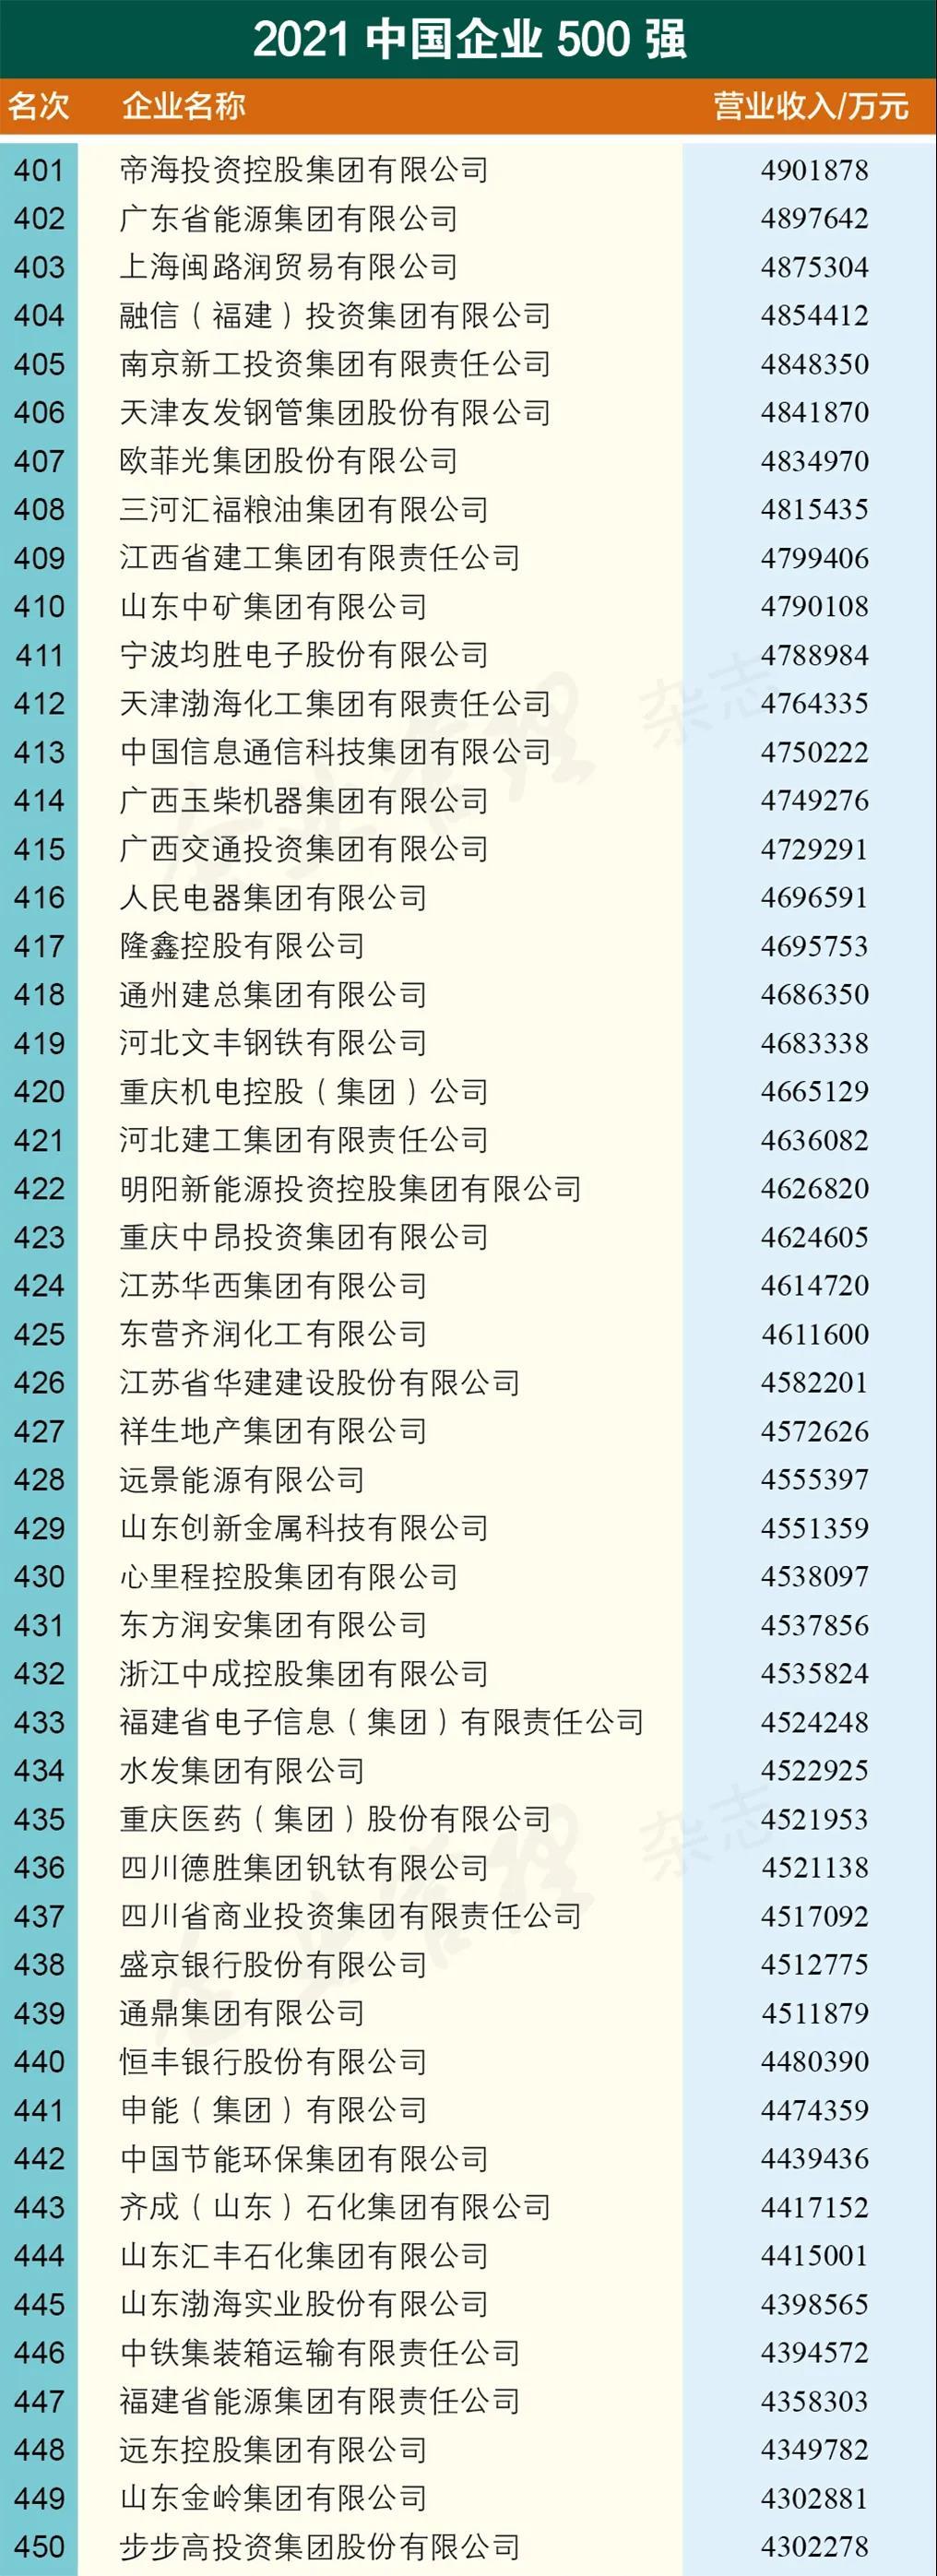 重磅发布!2021中国企业500强名单新鲜出炉